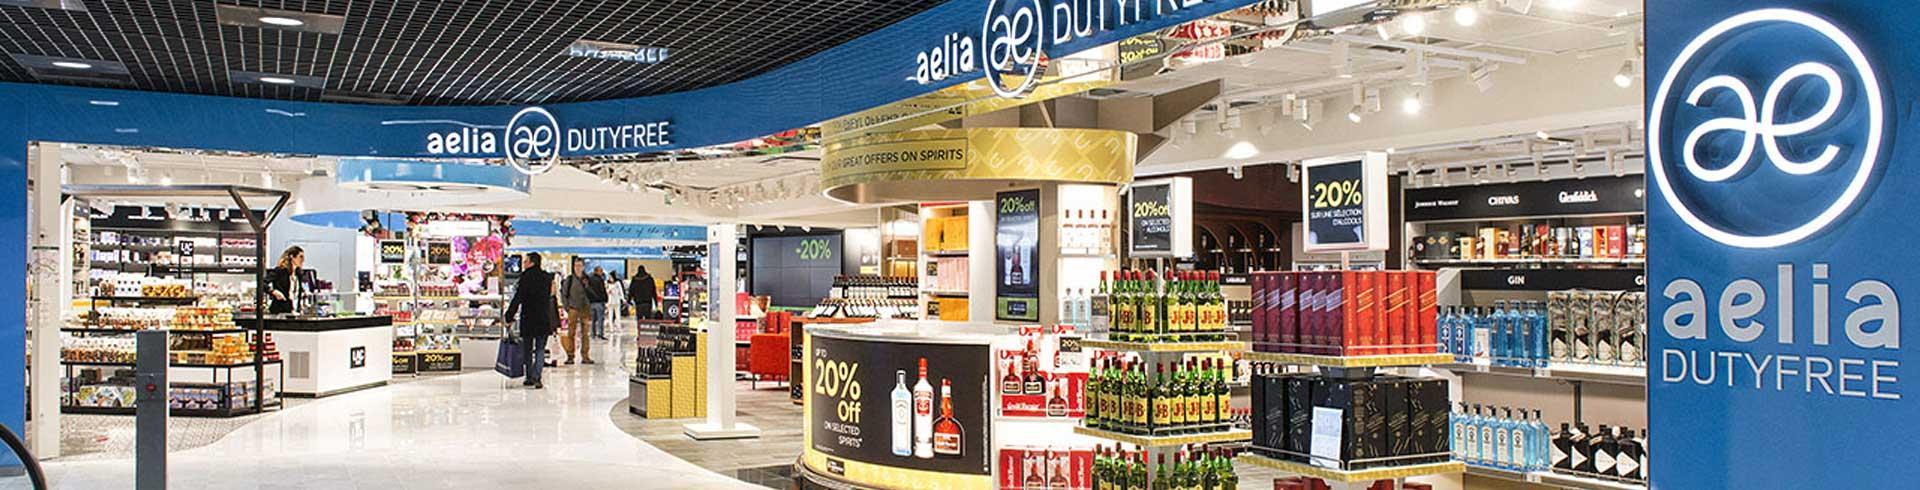 Aelia Duty Free Last Minute   Liquor   Perfumes   Terminal 2   Shops ... a8d5a0f02d